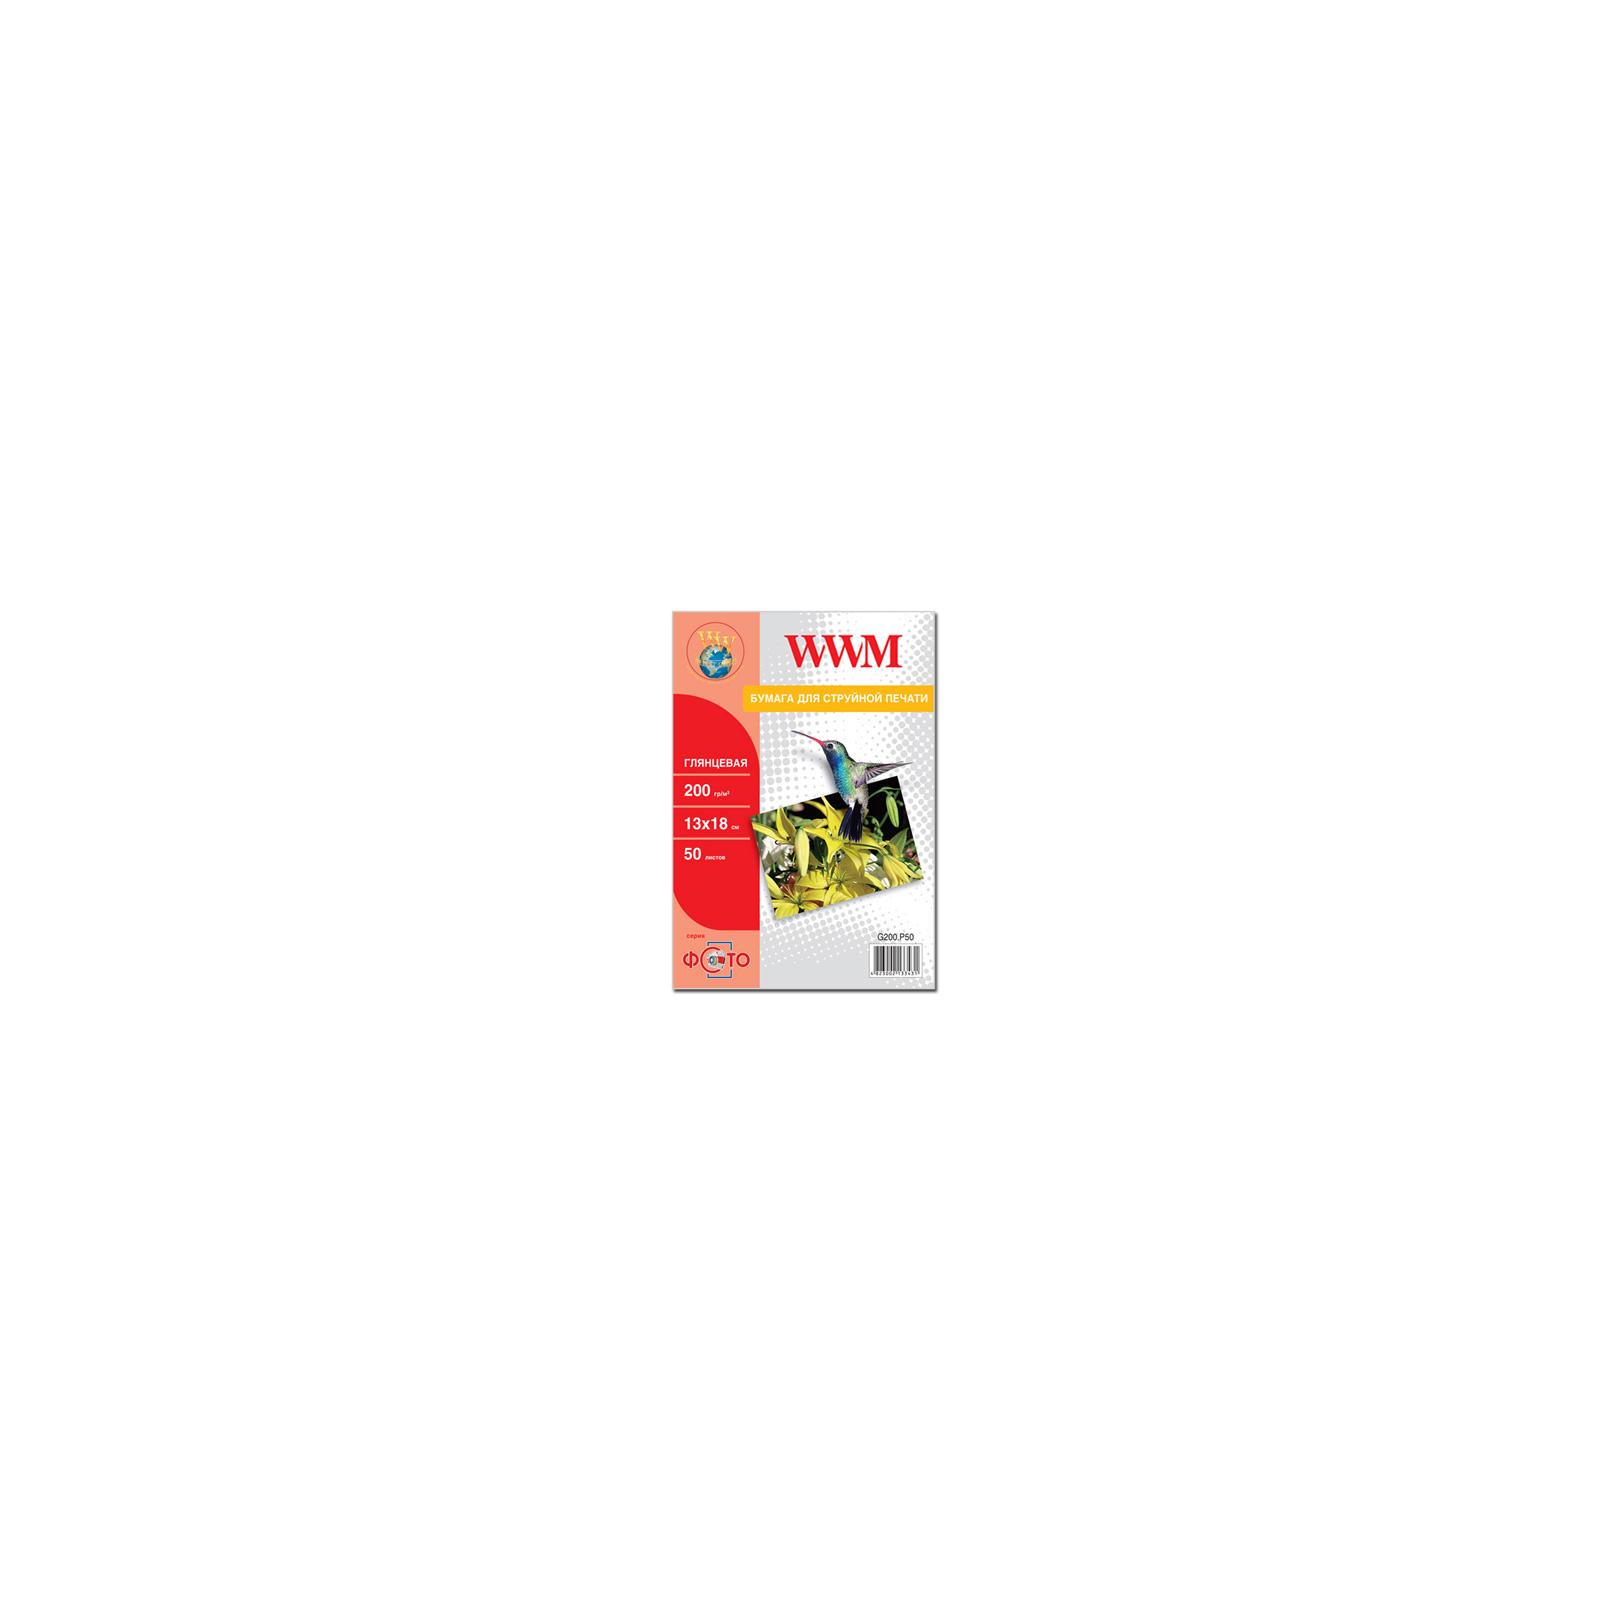 Бумага WWM 13x18 (G200.P50)